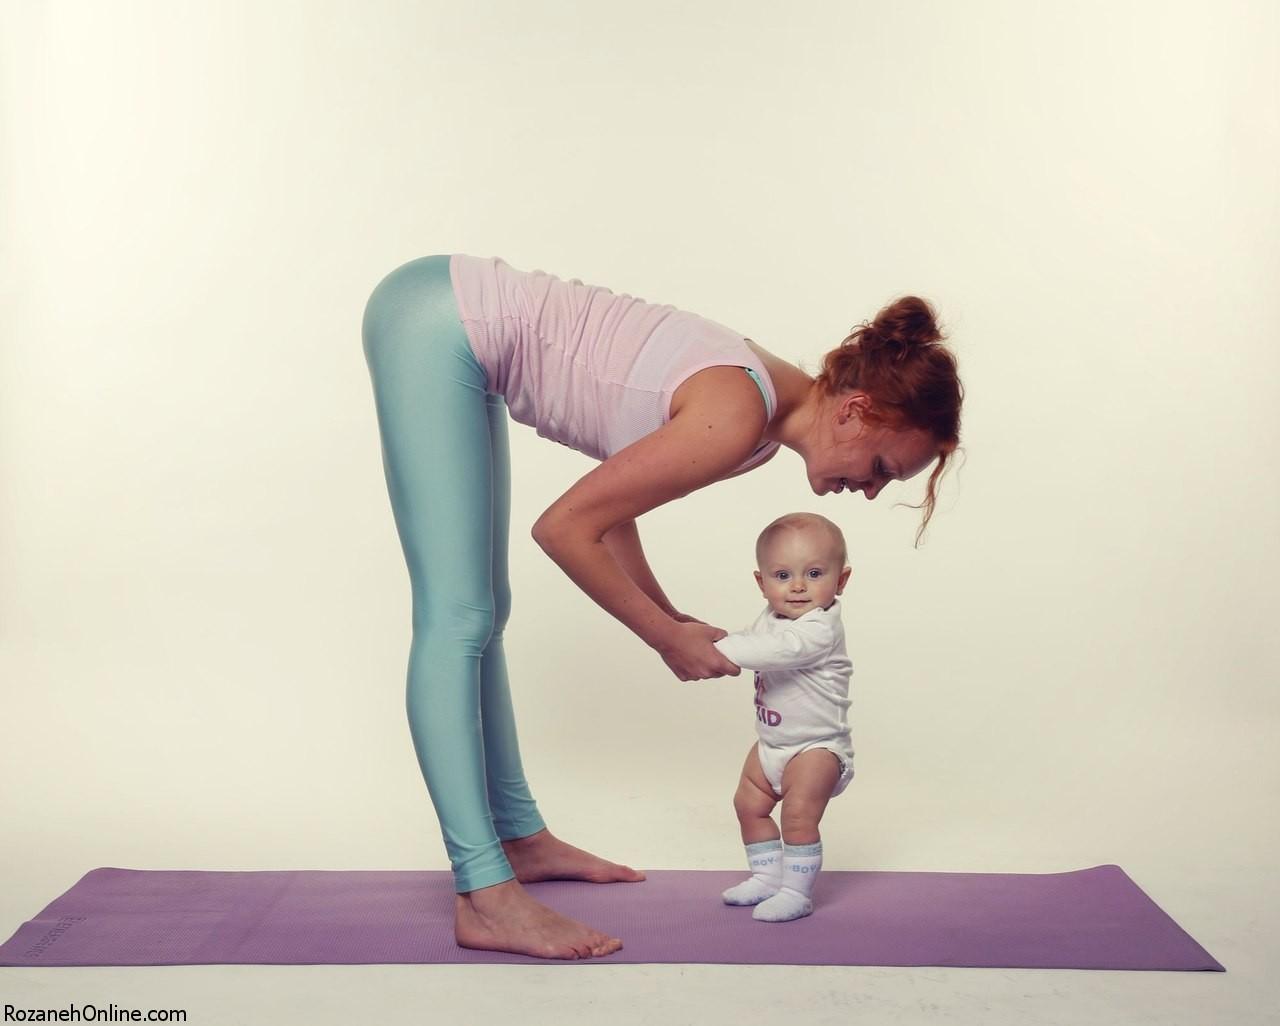 مواردی که بایستی در هنگام ورزش با نوزاد توجه کنیم